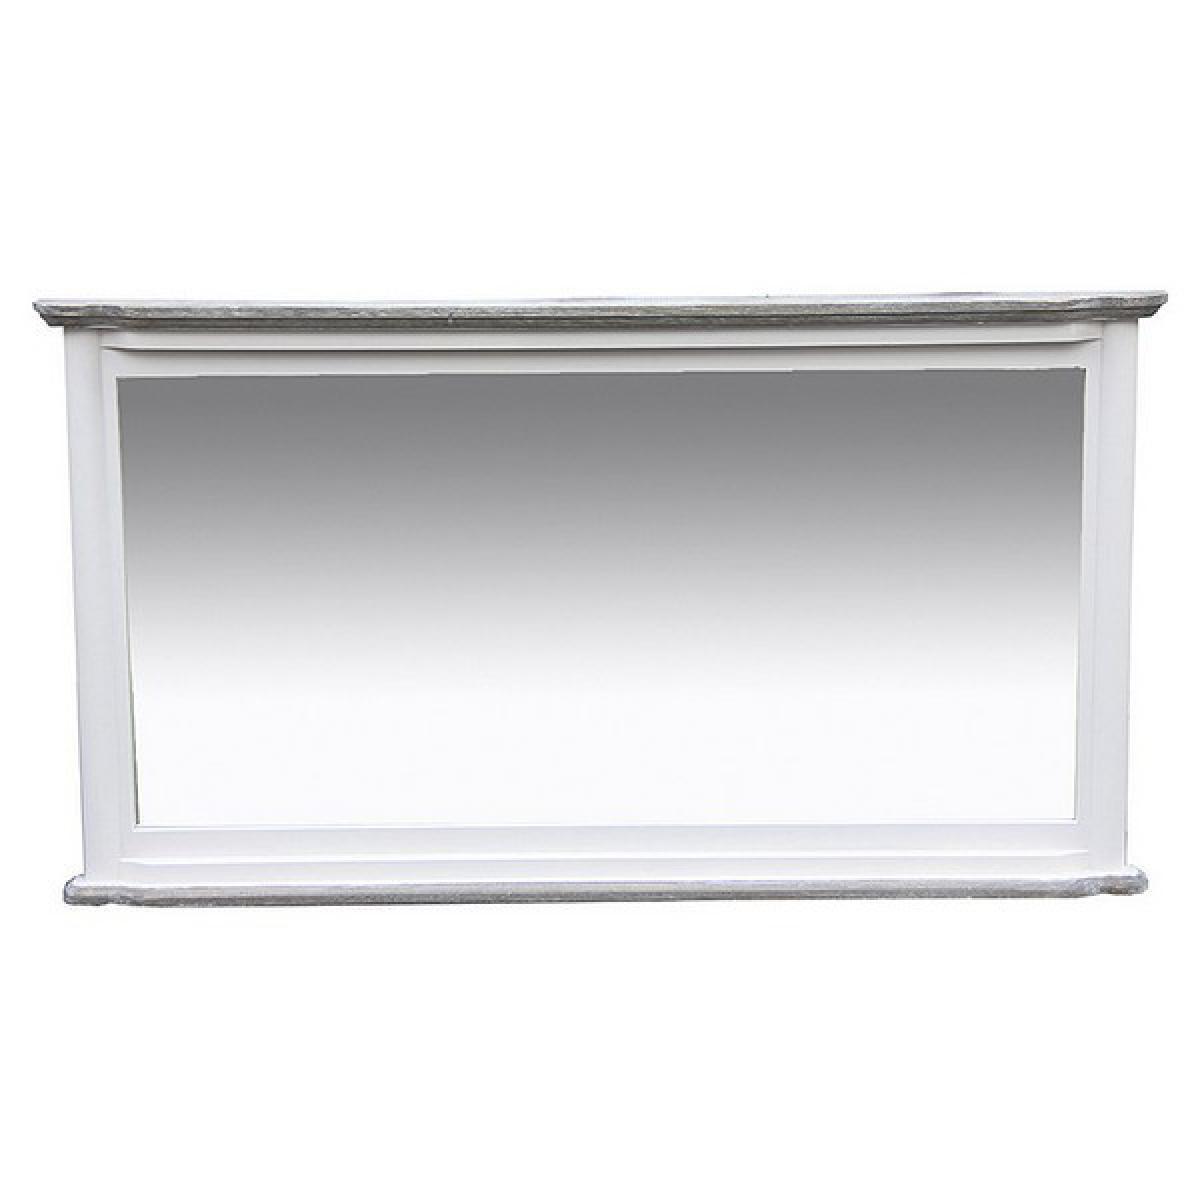 Totalcadeau Miroir en bois et en verre Miroir design maison et bureau 18 x 63 x 83 Pas cher